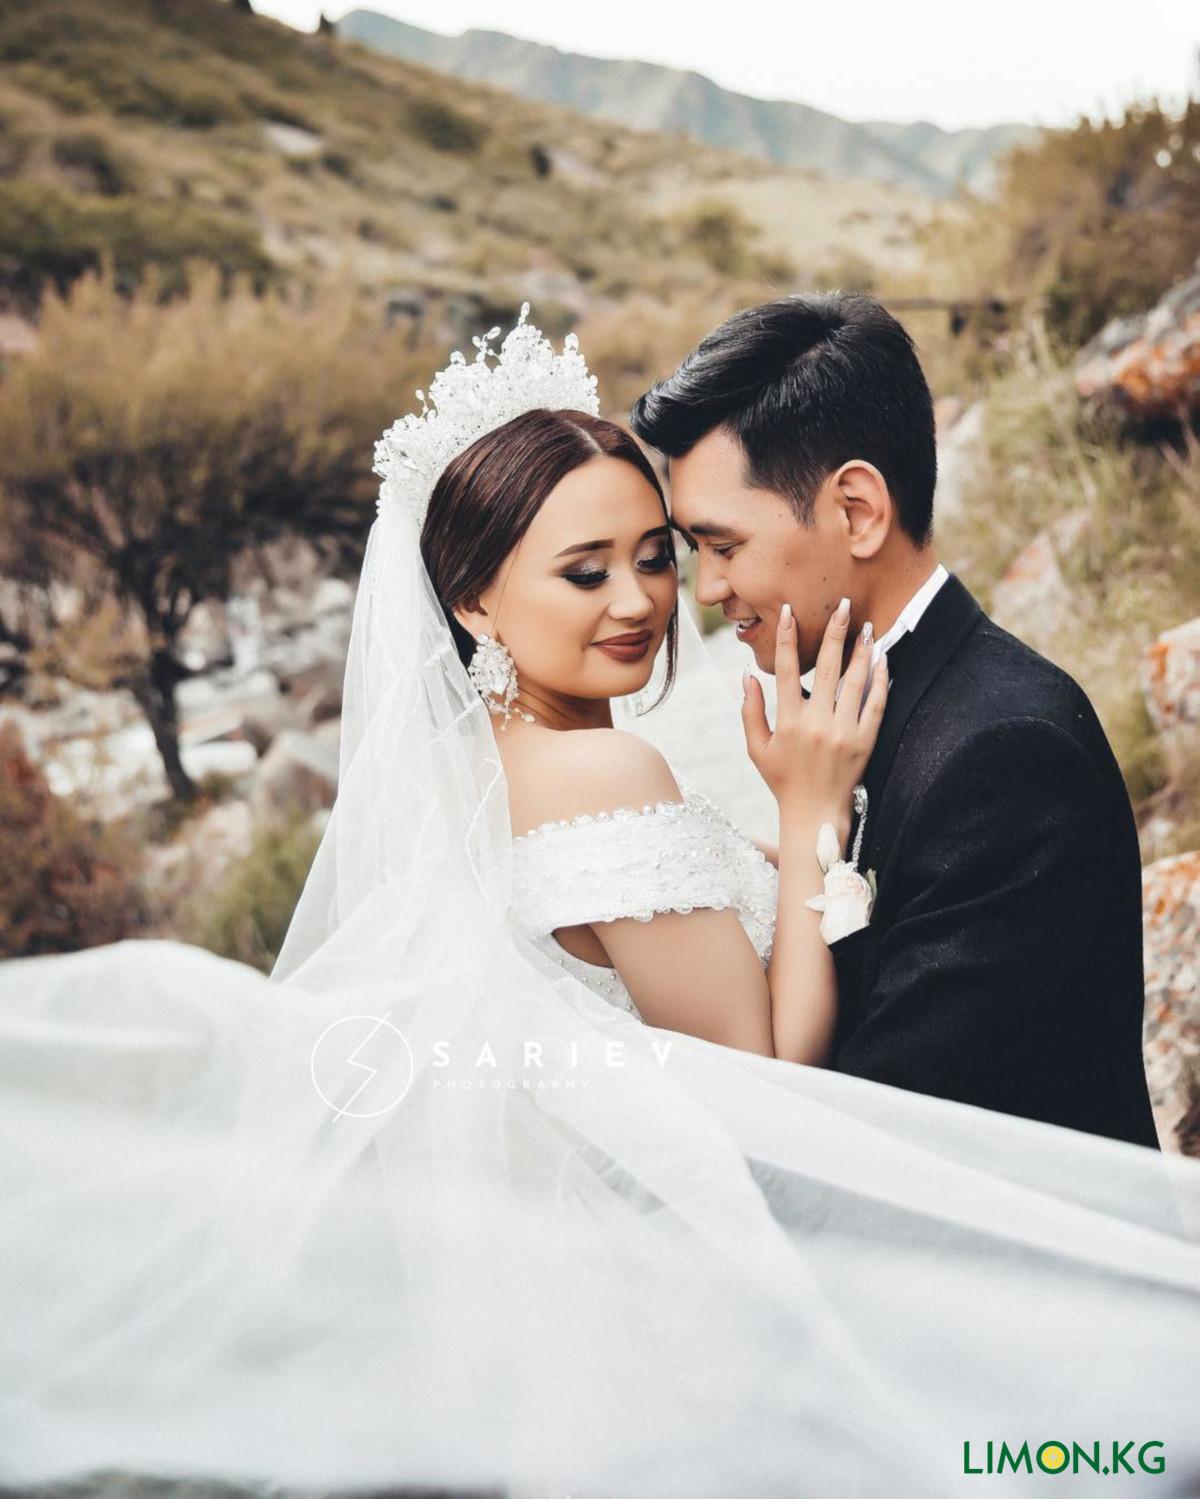 08bfa4659857248 20 июня танцор Макс Токтоналиев, снимавшийся в клипах местных исполнителей,  женился на танцовщице по имени Азада. Напомним, что Макс сделал предложение  руки ...